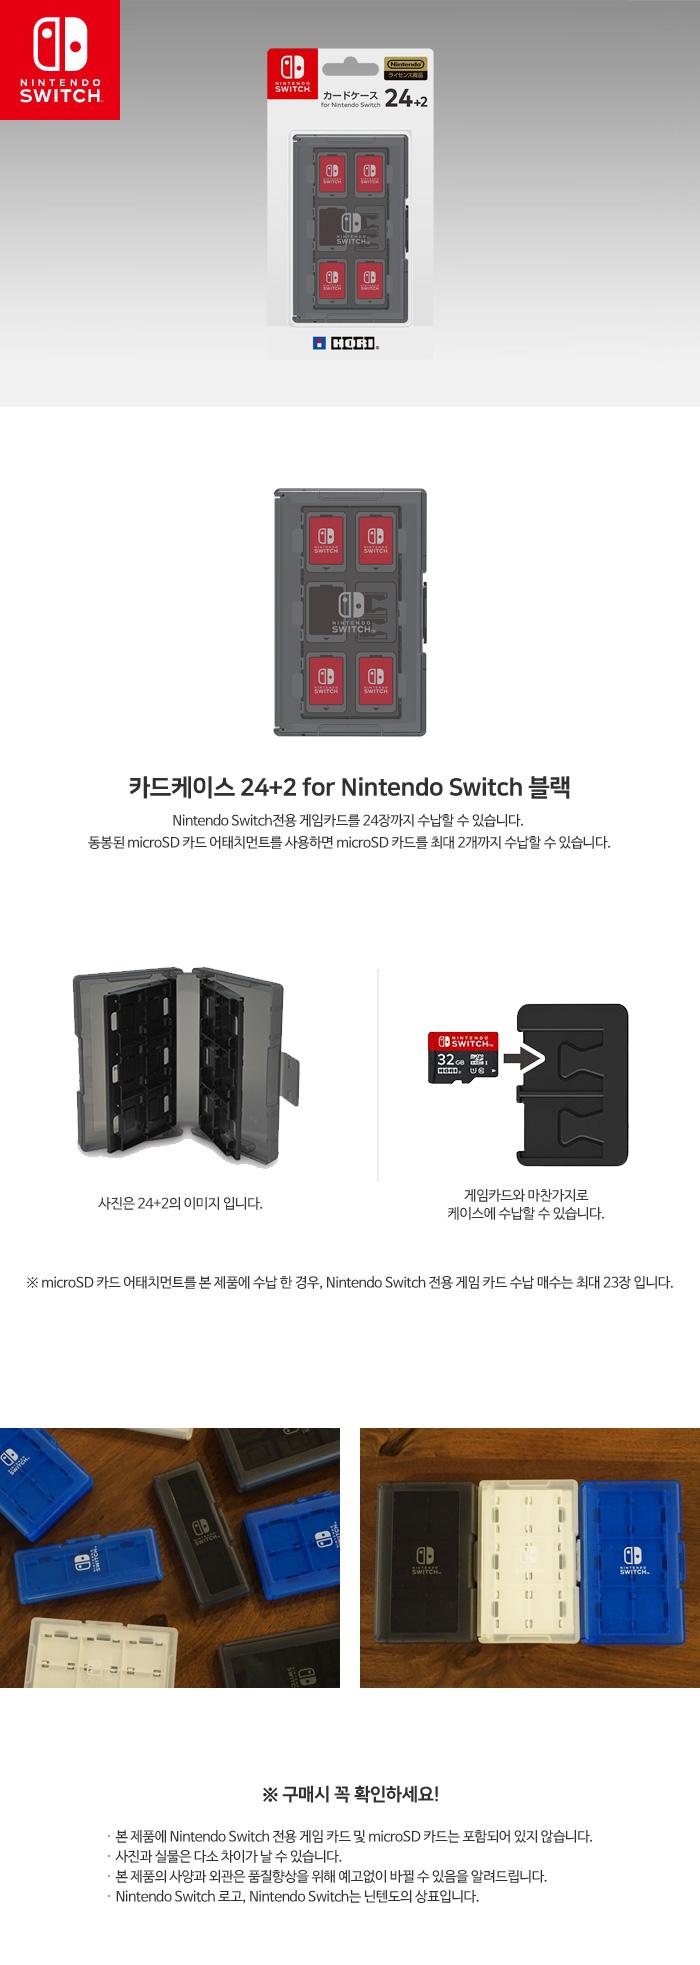 카드케이스 24+2 for Nintendo Switch 블랙 상세페이지